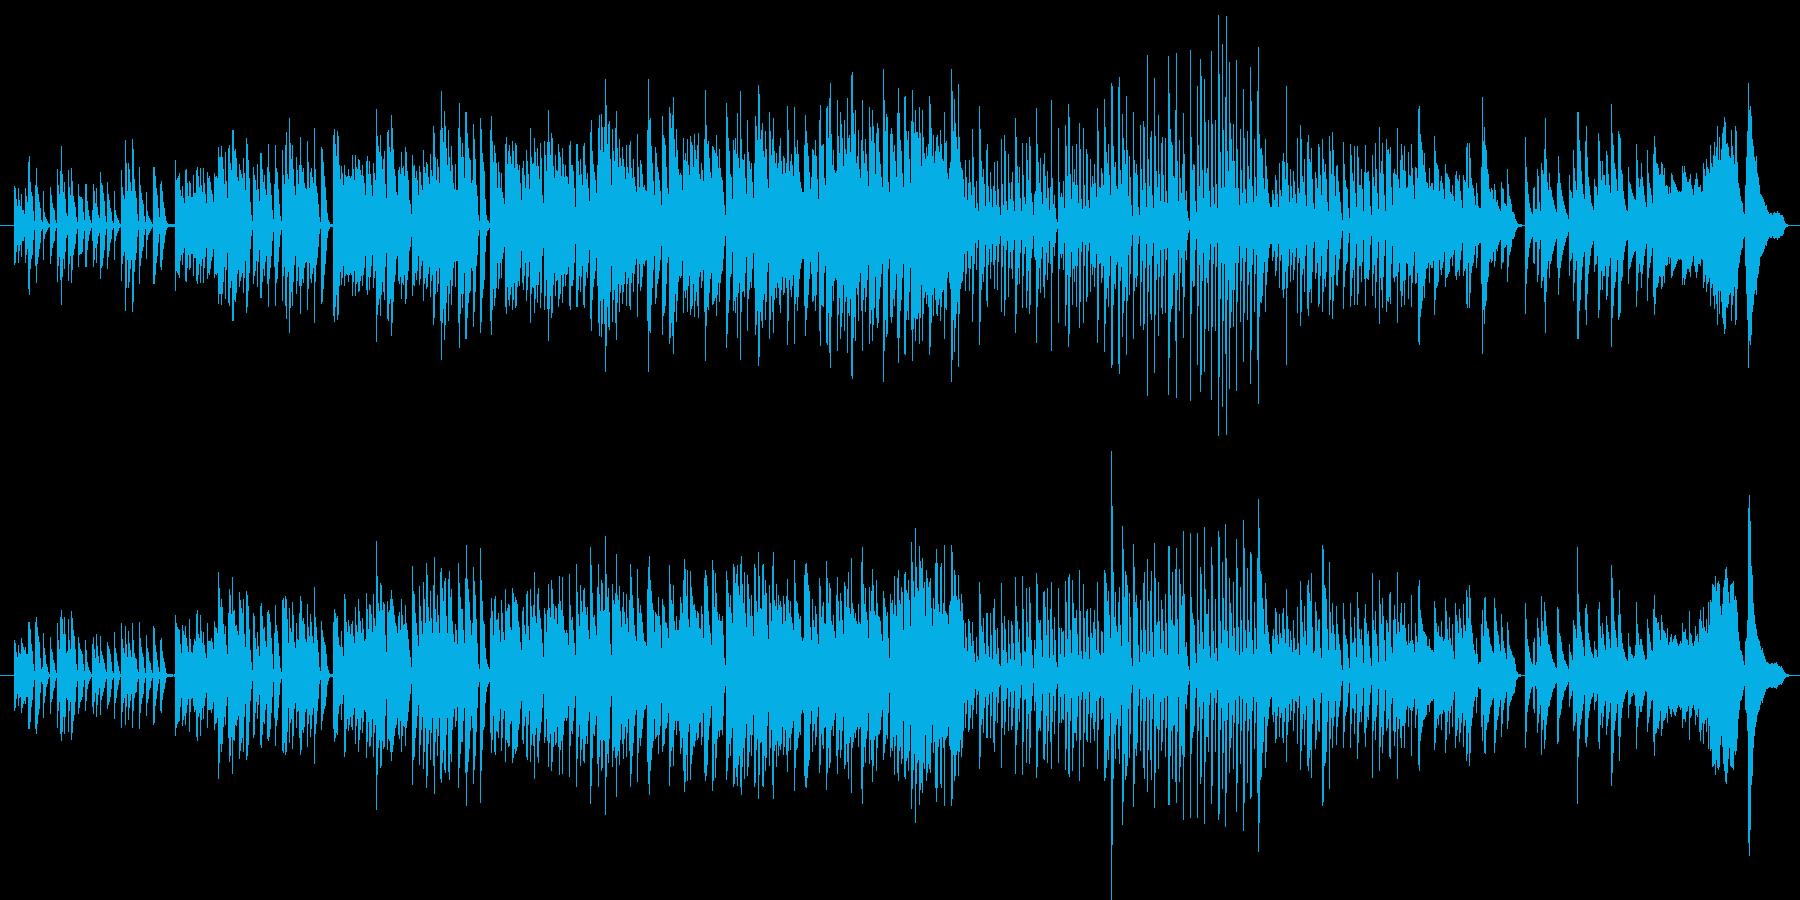 ピアノソロによる幾何学的雰囲気の曲の再生済みの波形